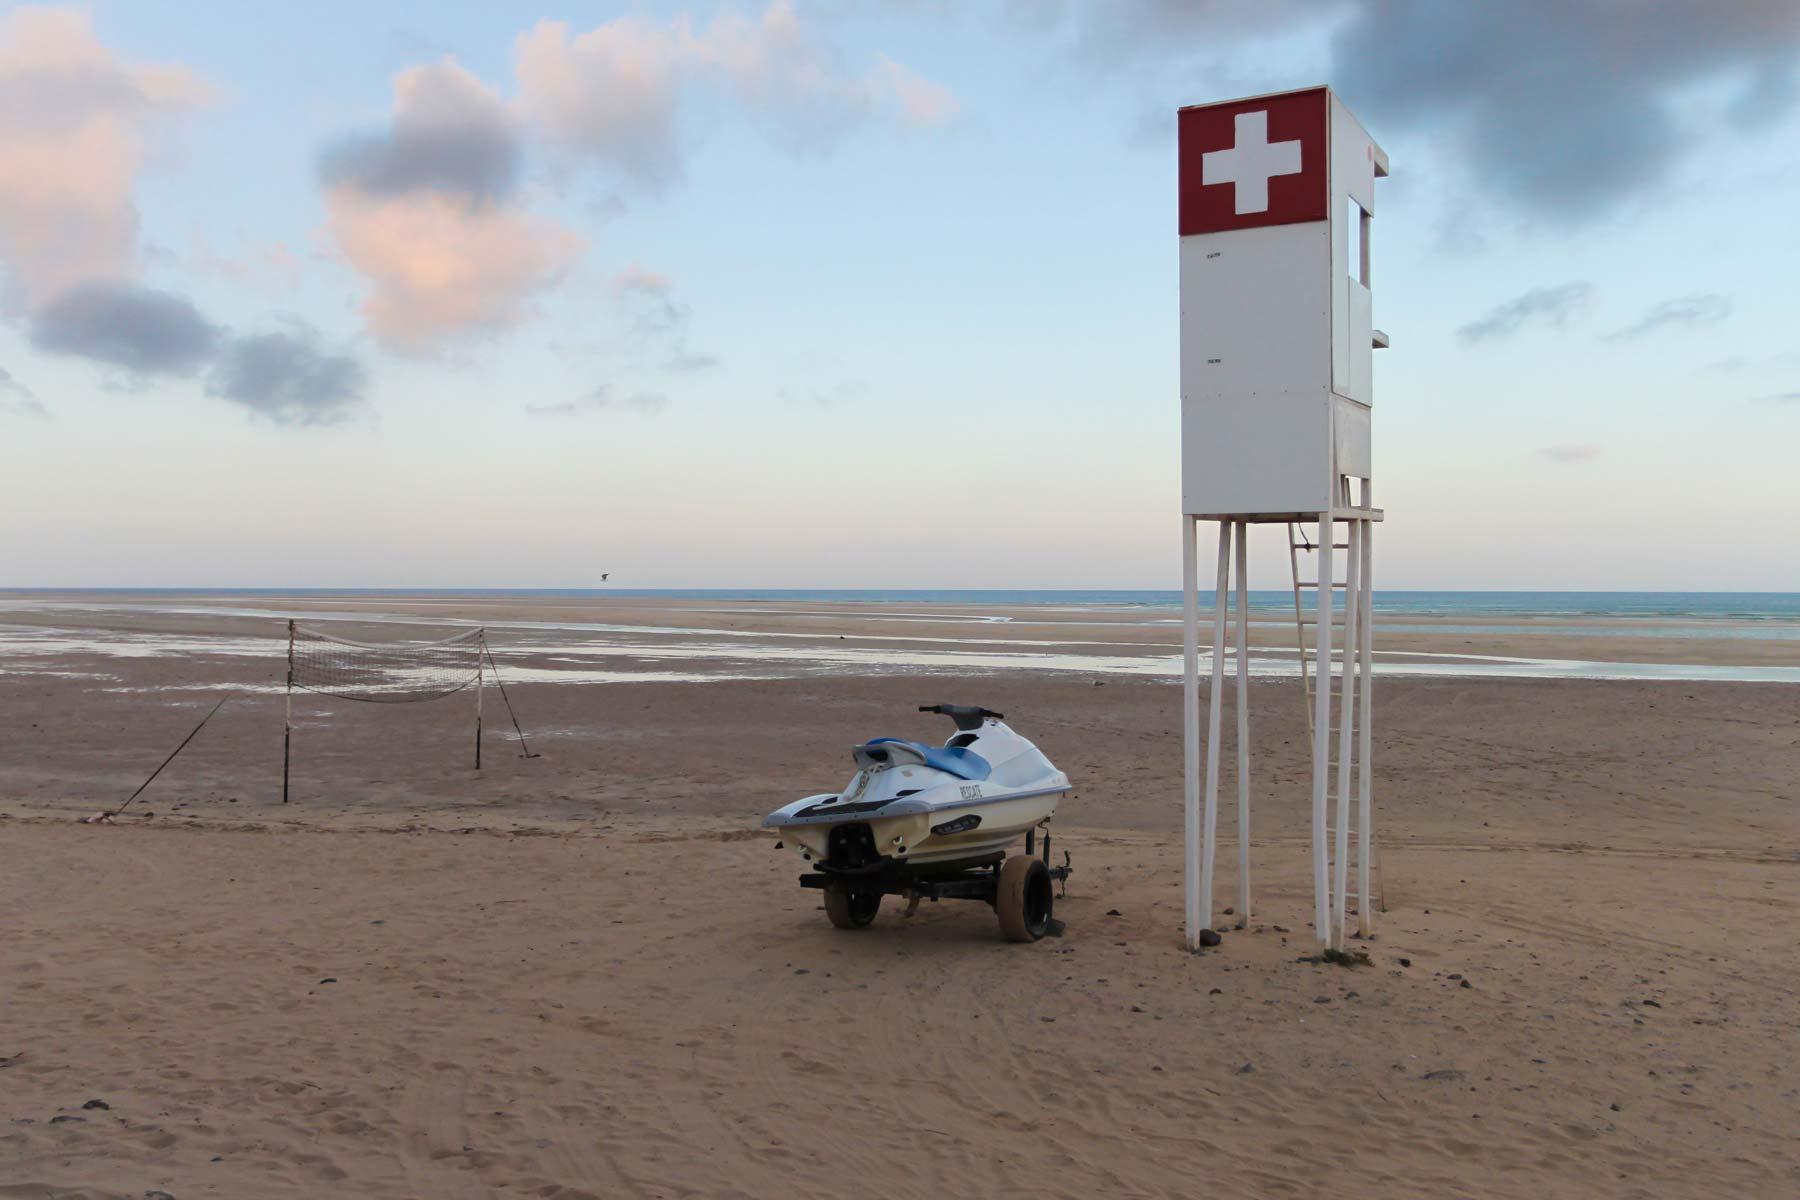 Спасательная вышка и аквабайк на пляже Коста Кальма